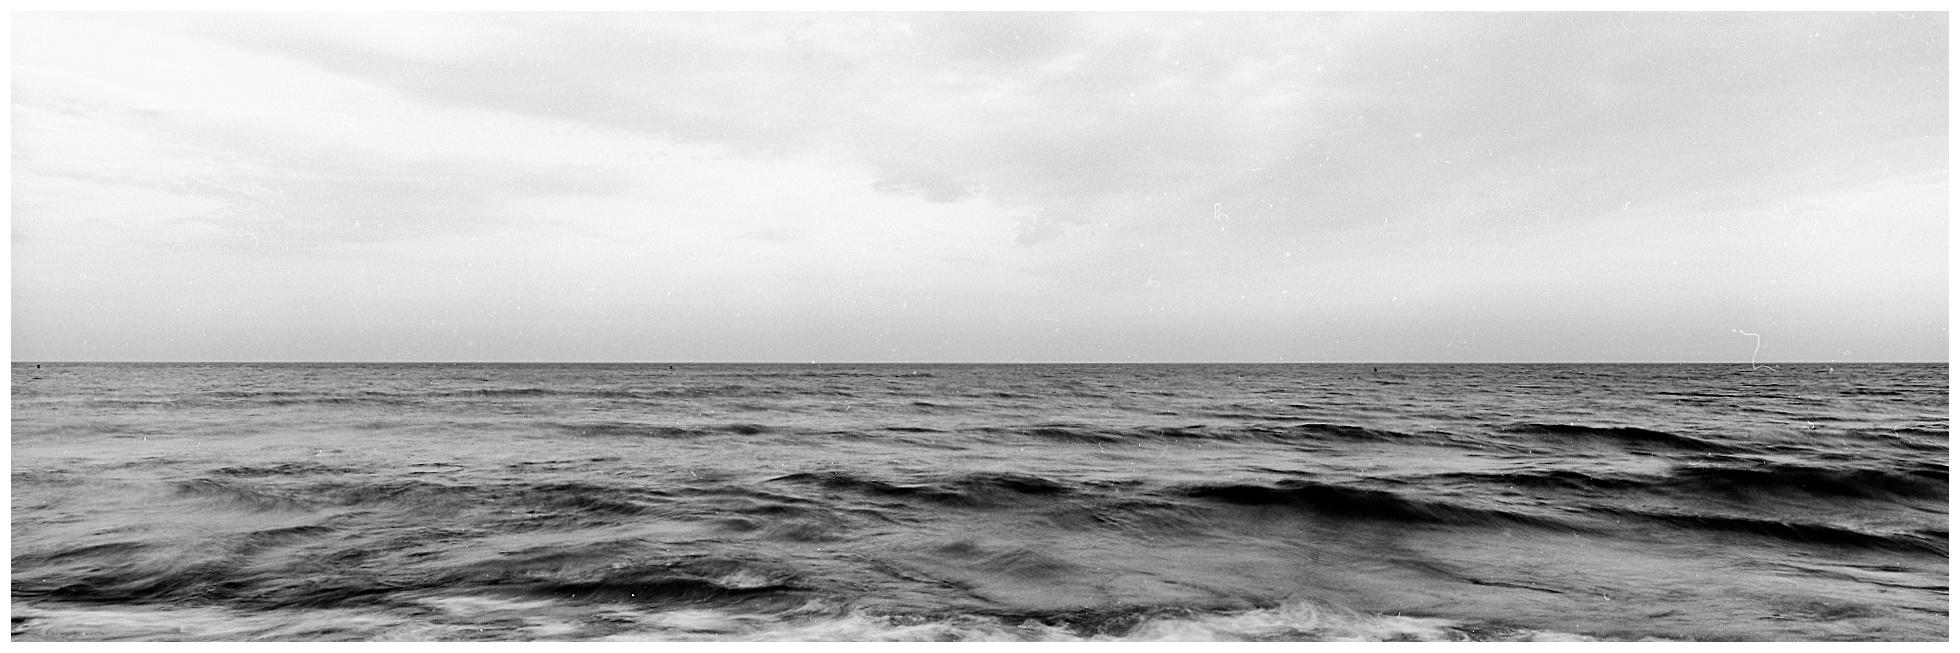 06.2018_G617_011_Snapseed.jpg